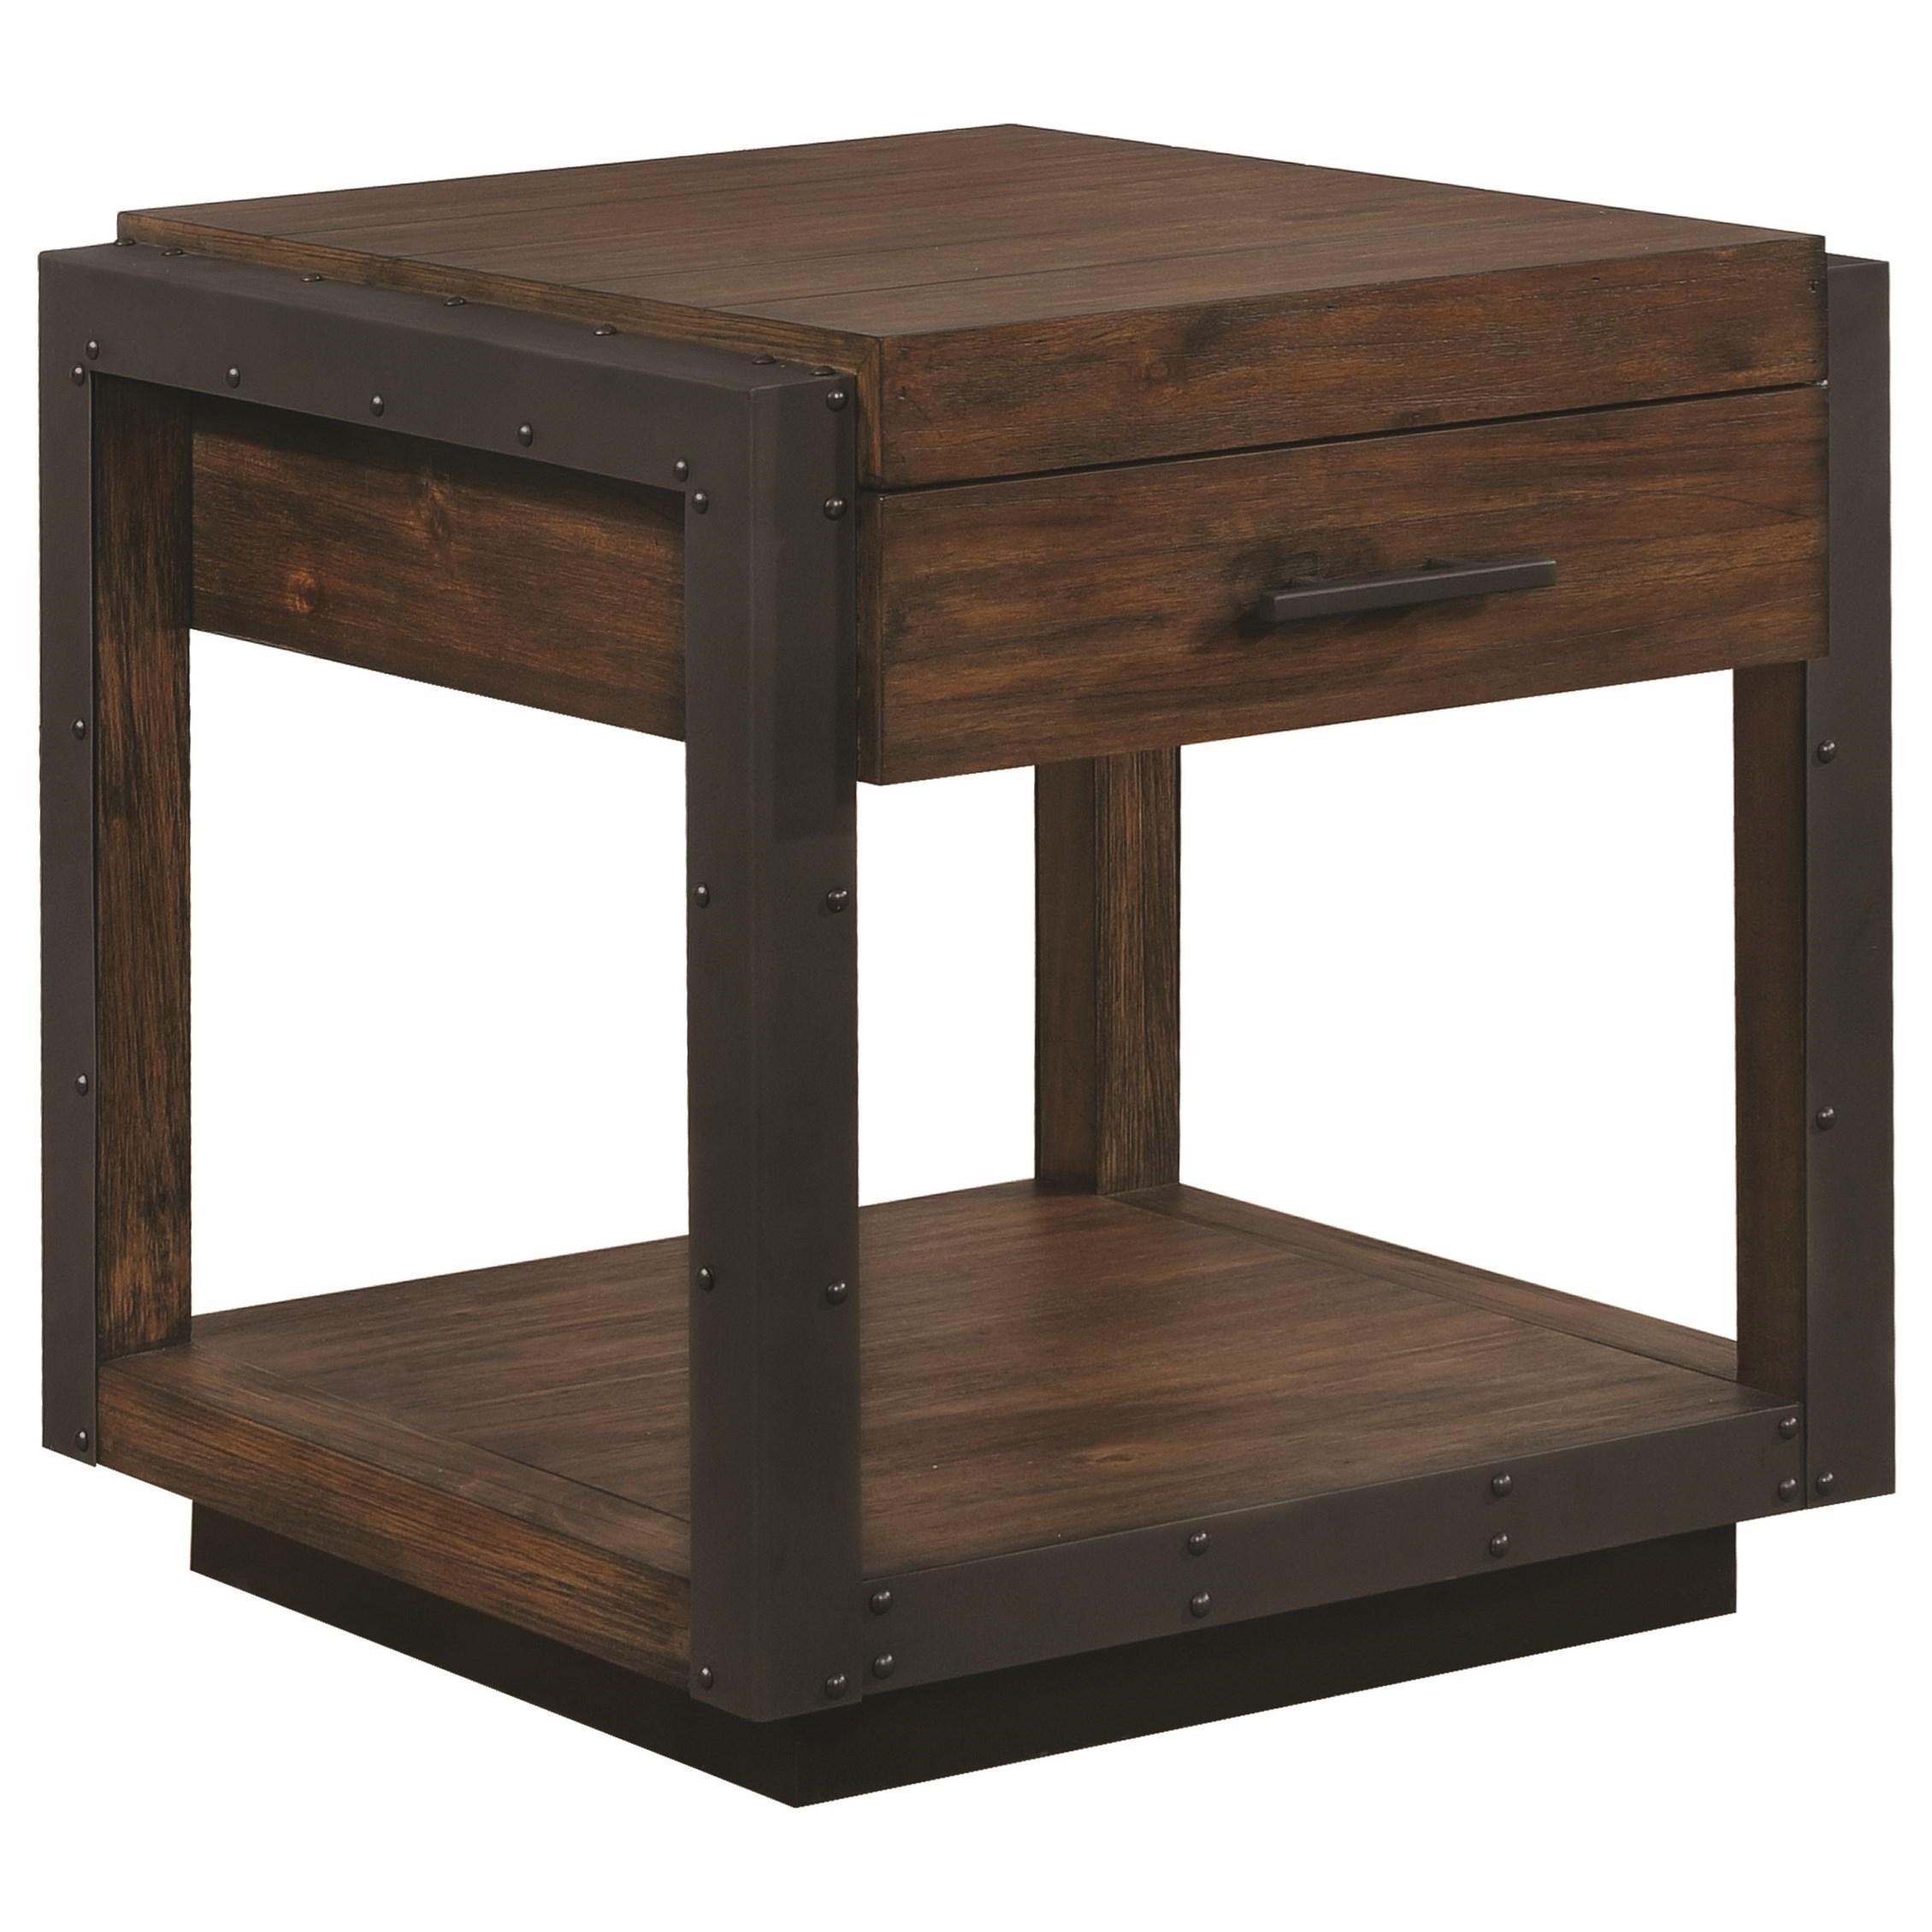 FurnitureWares